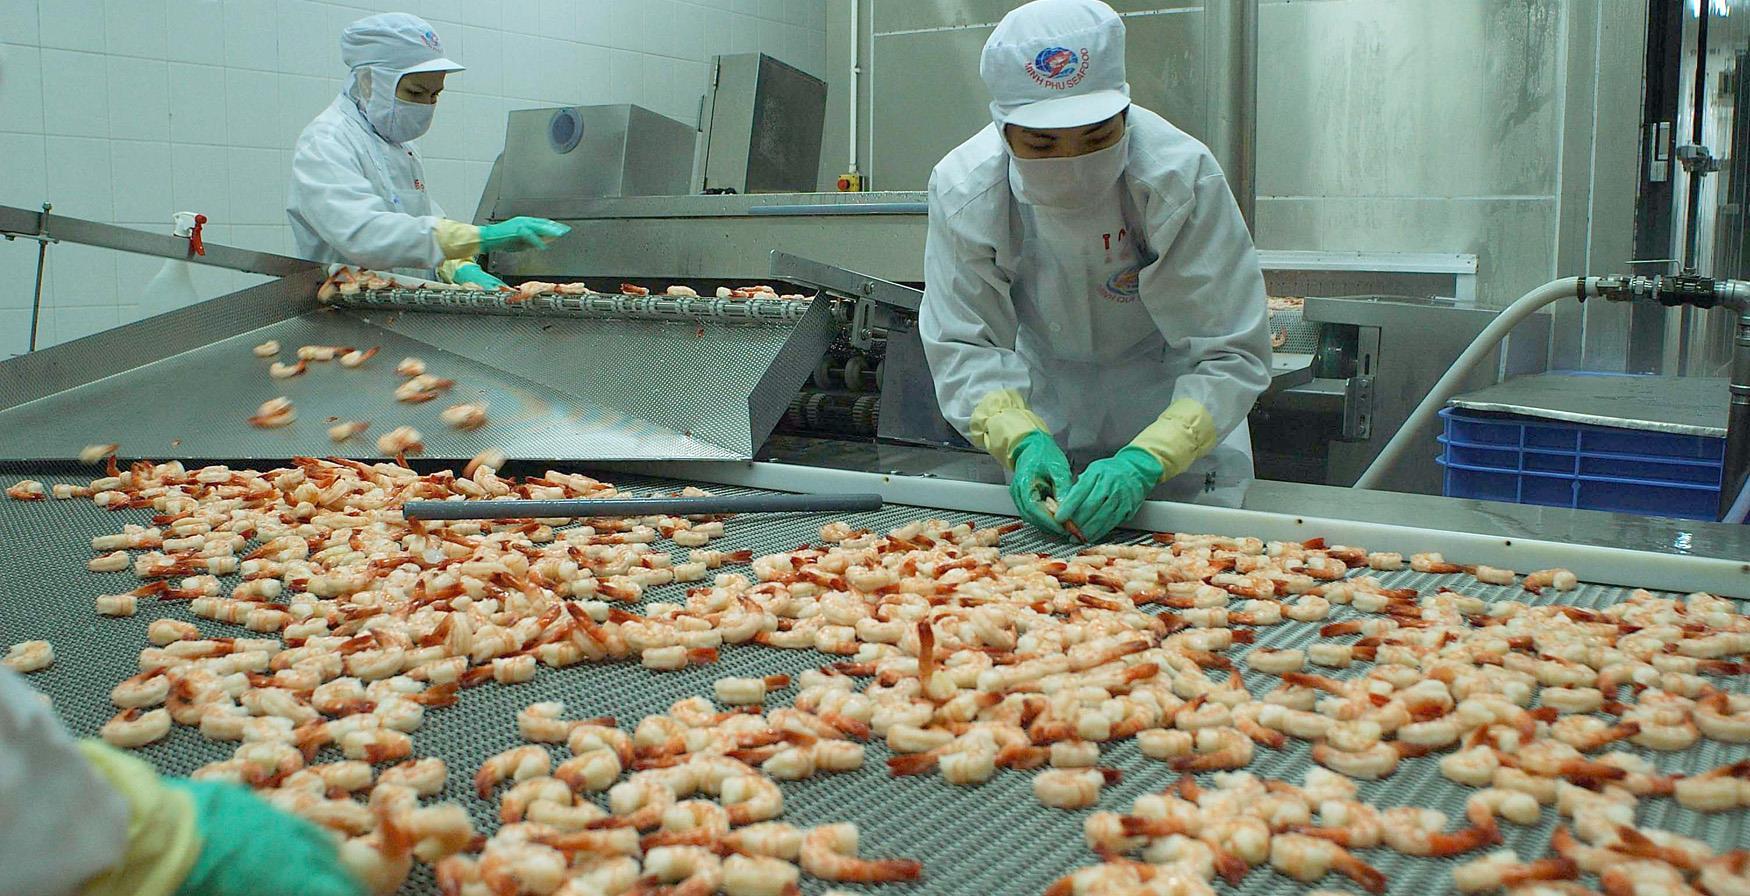 T9/2017 - Tuyển 06 nữ đơn hàng Chế biến thủy sản làm việc tại tỉnh Ehime, Nhật Bản